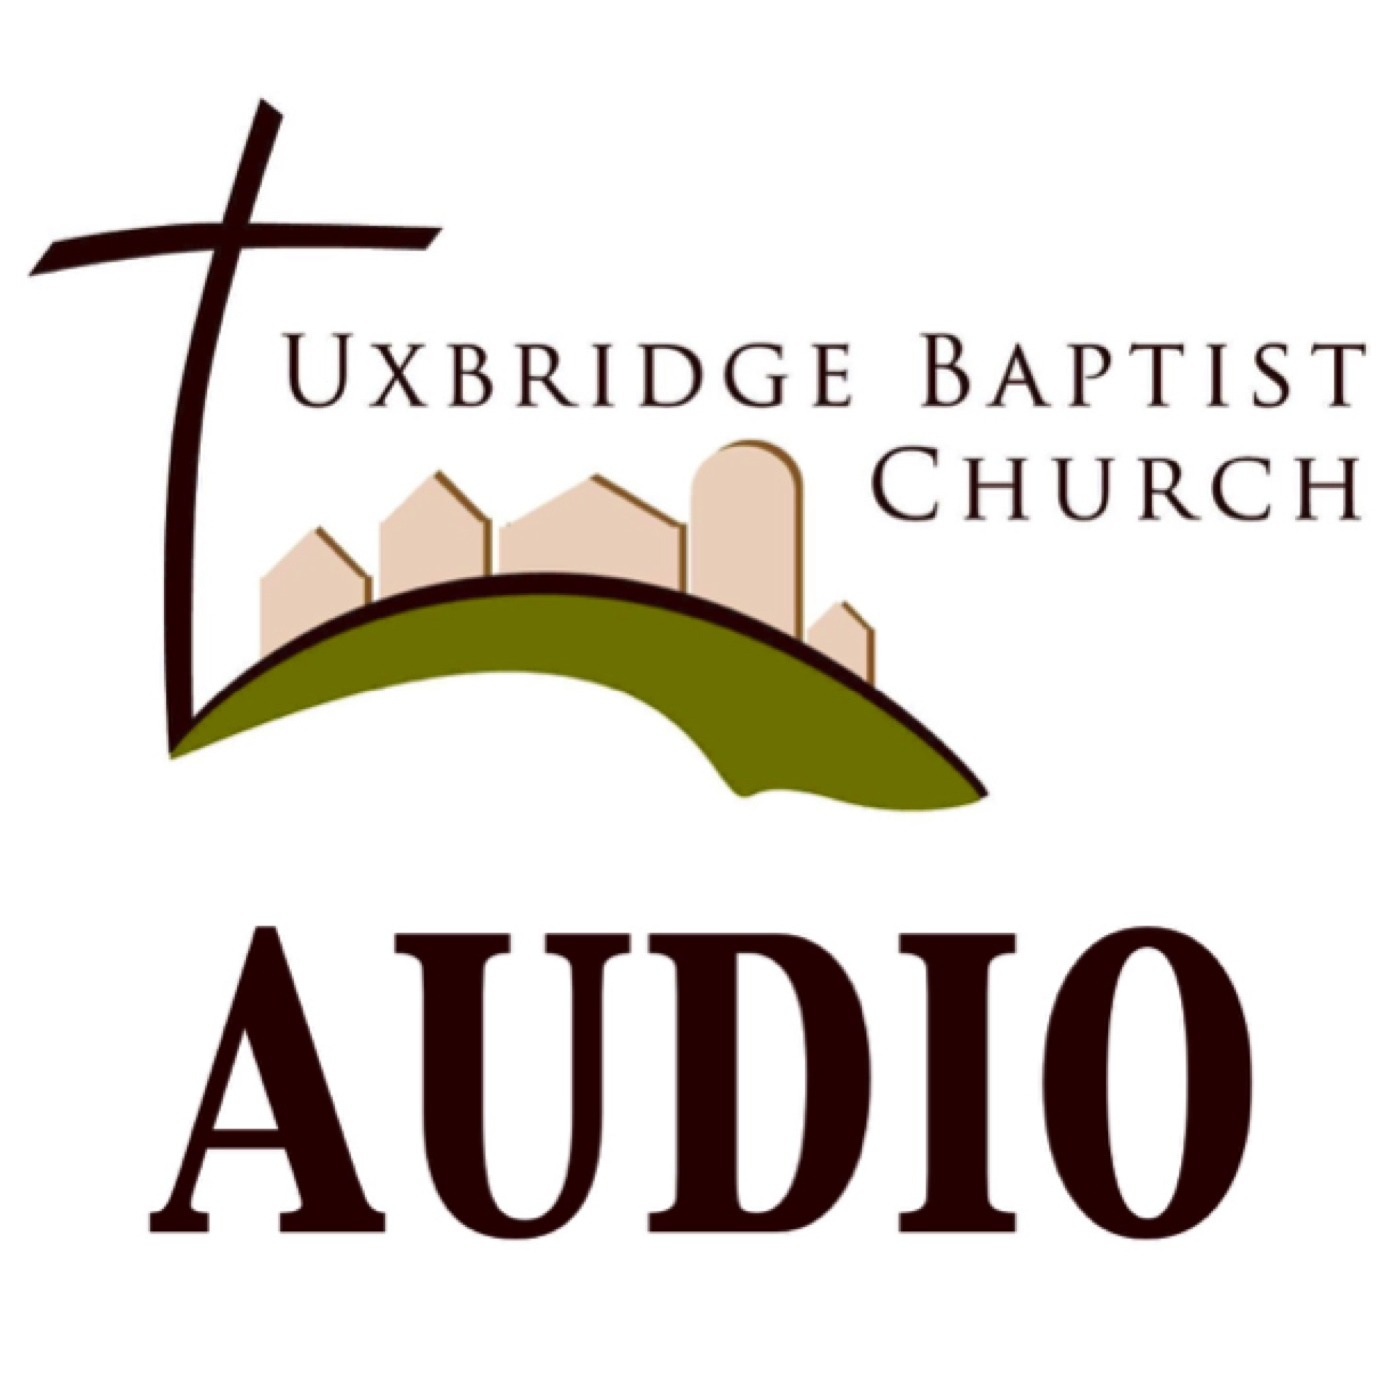 Uxbridge Baptist Church